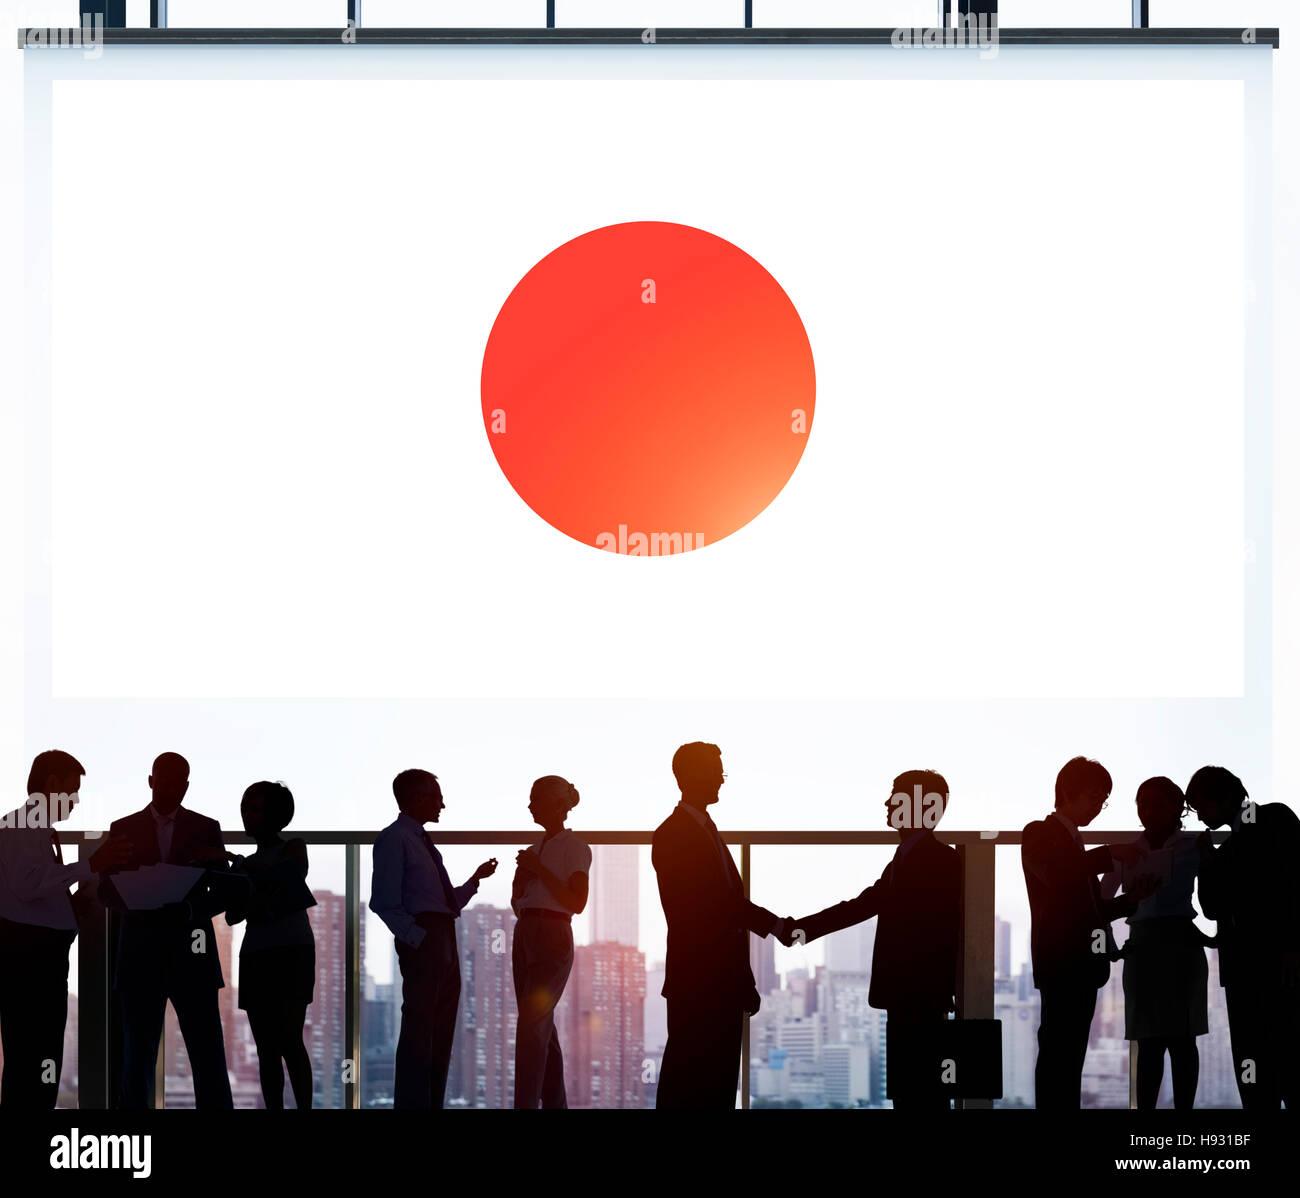 Bandera japonesa patriotismo Concepto Unidad orgullo japonés Imagen De Stock